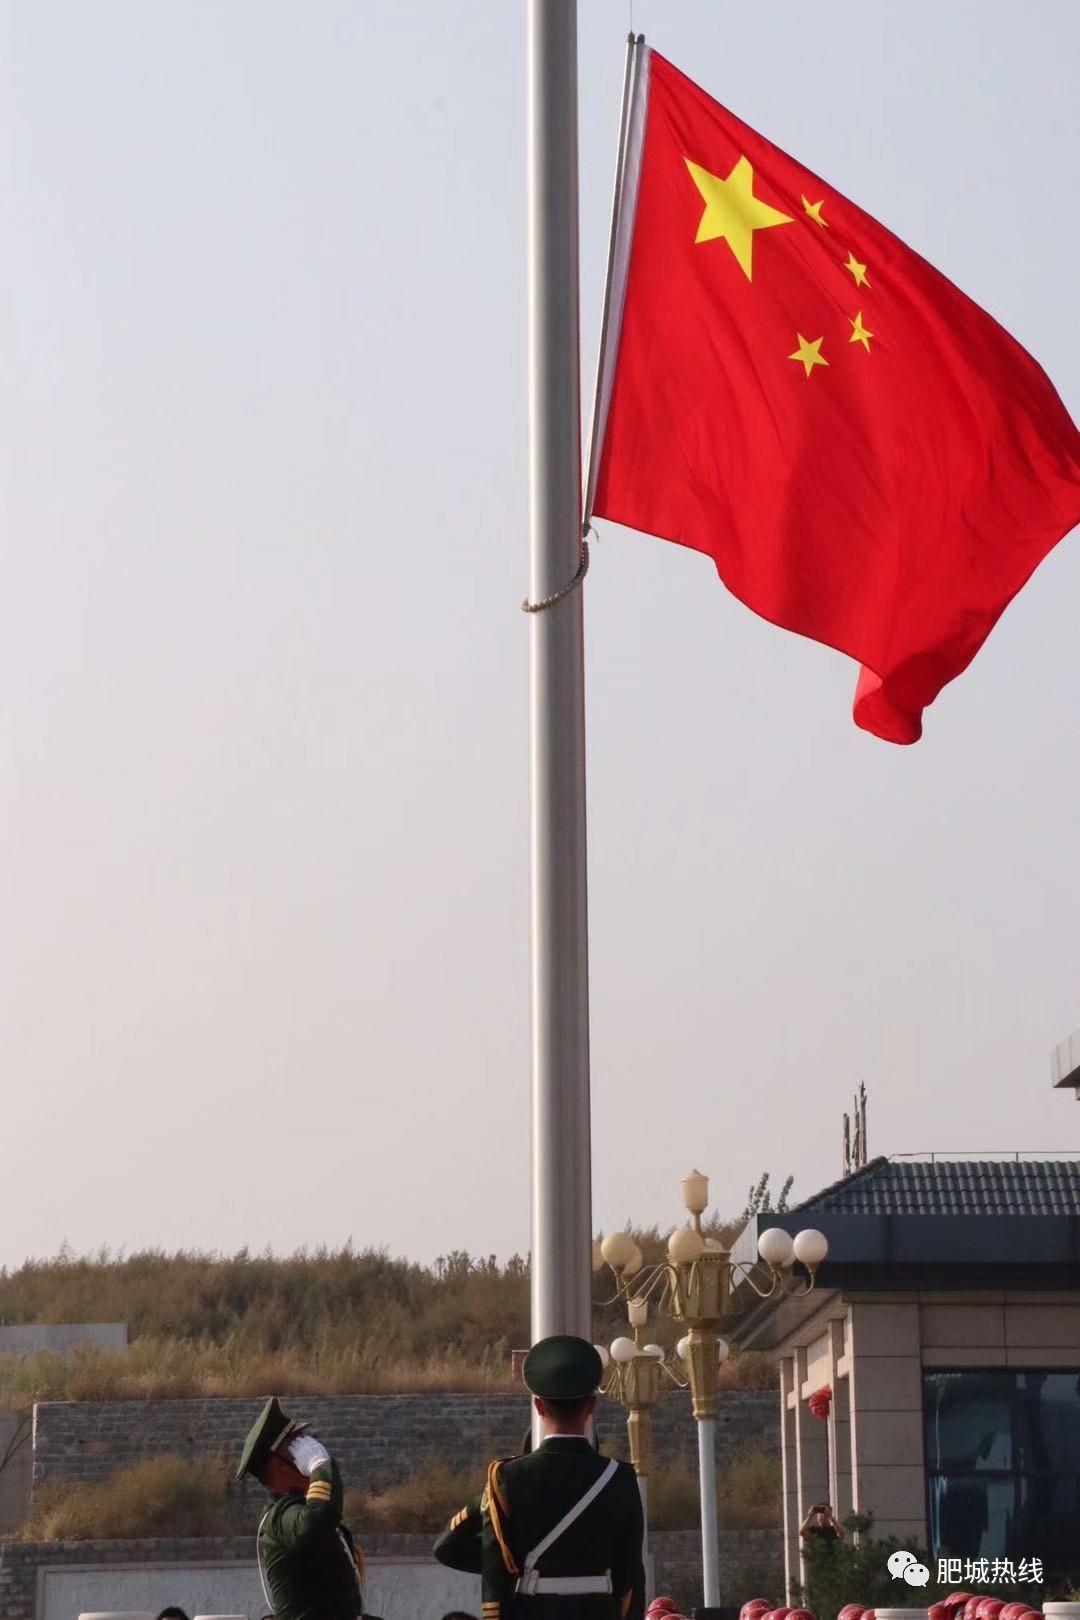 肥城,红了~伴随着雄壮的国歌声,五星红旗冉冉升起图片